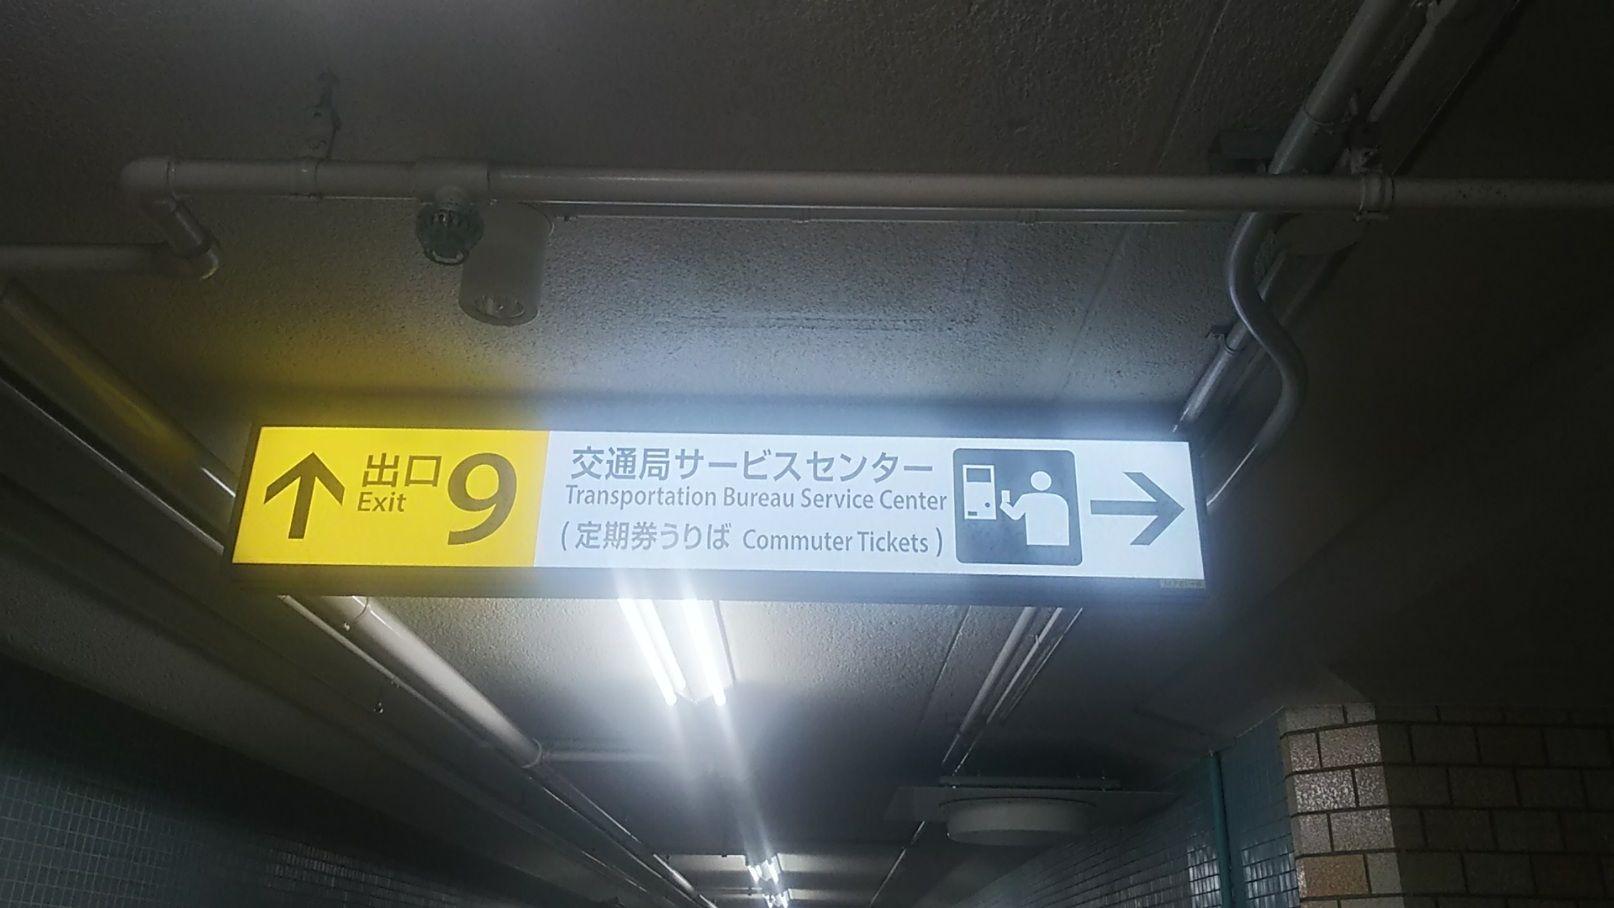 名古屋市営地下鉄 定期 クレジット